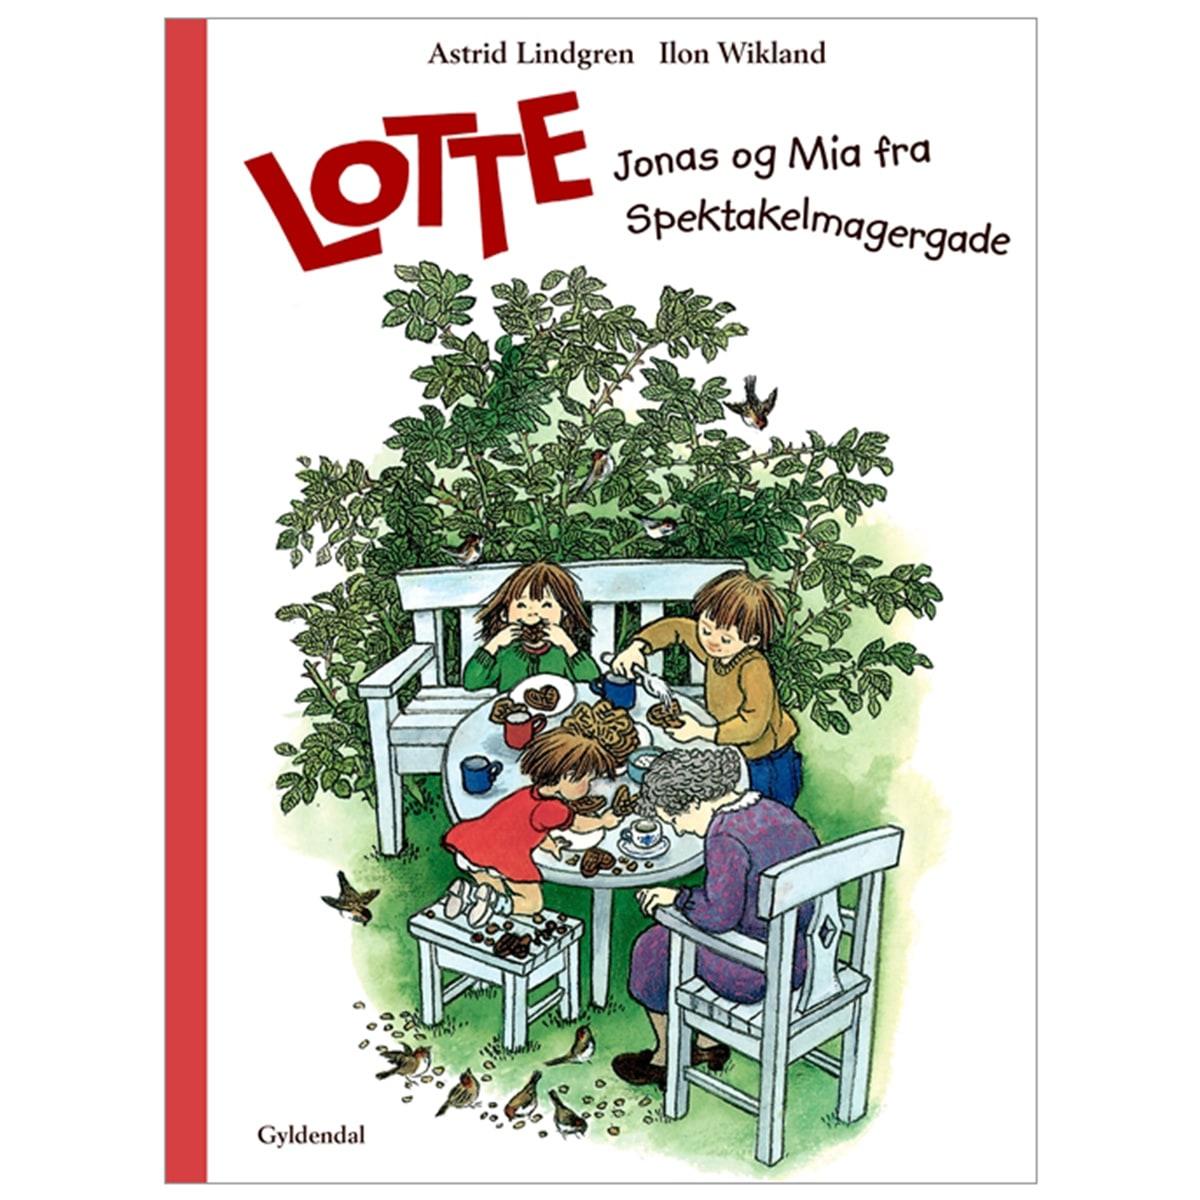 Af Astrid Lindgren & Ilon Wikland